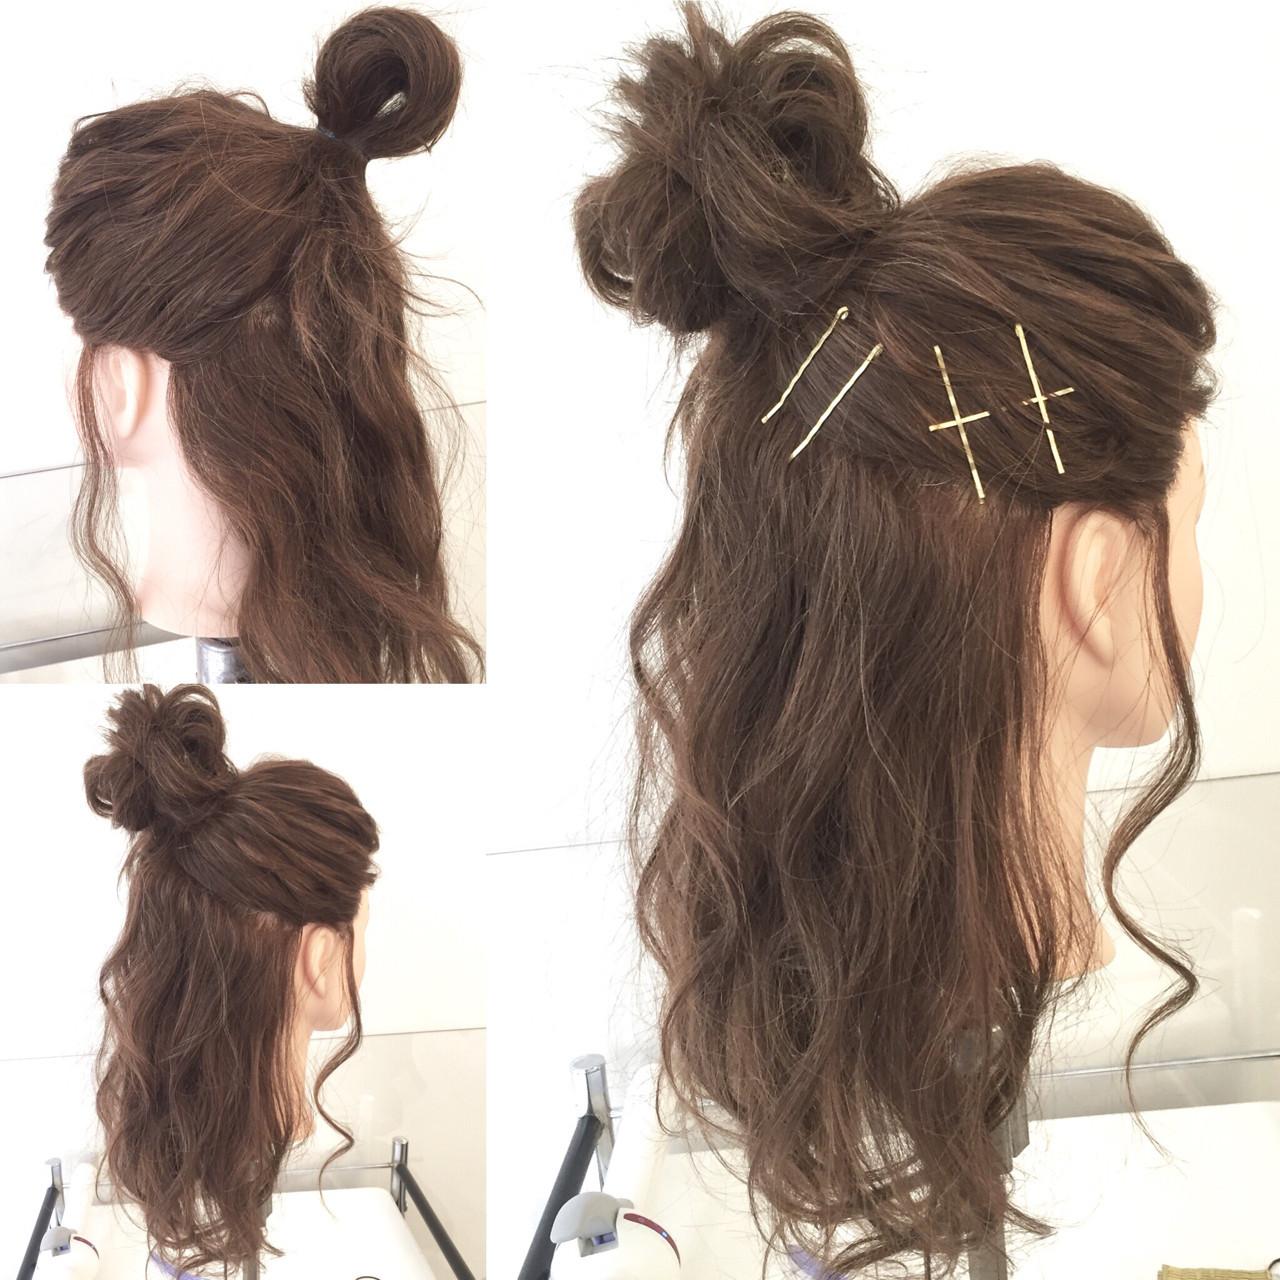 ヘアアレンジ お団子 ハーフアップ ゆるふわ ヘアスタイルや髪型の写真・画像